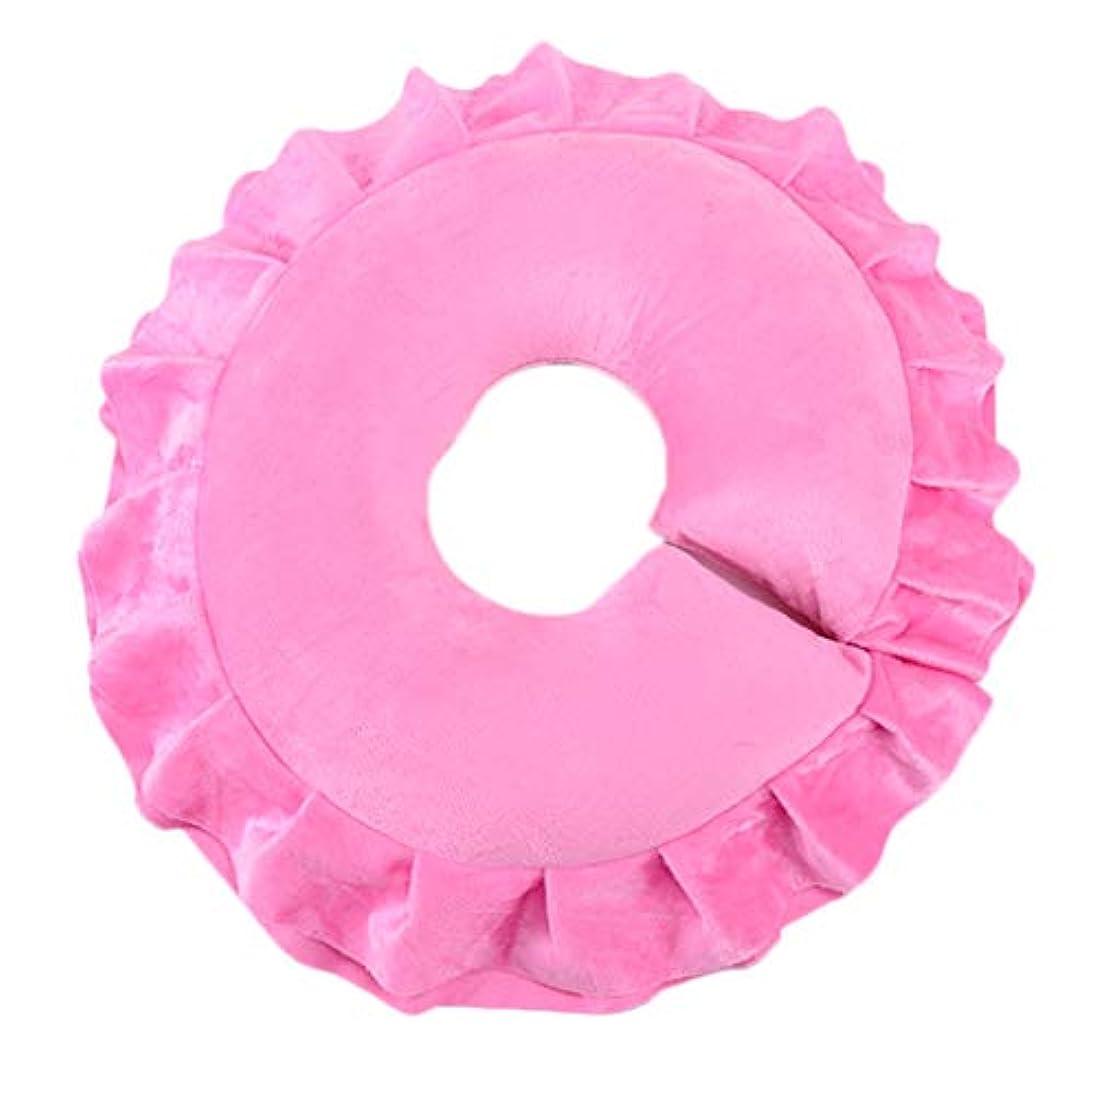 マーチャンダイジングガム公爵顔枕 マッサージ用 フェイスピロー 枕 フェイスクッション ソフト マッサージ クッション 全4色 - ピンク